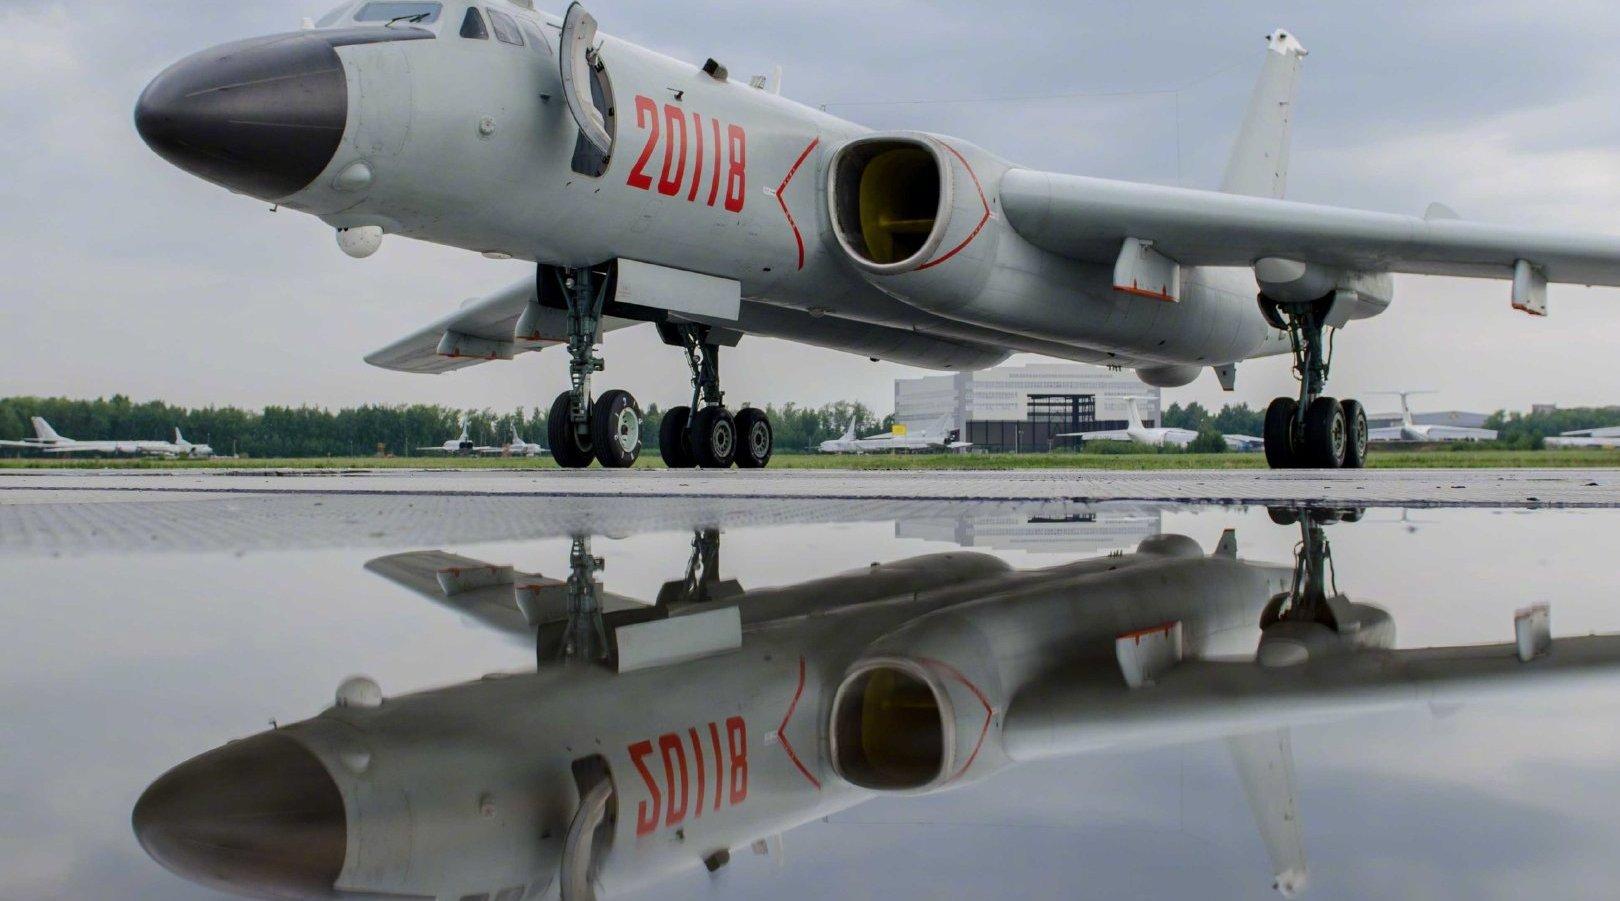 轰6N变身战略轰炸机,空中受油管近距离照片曝光